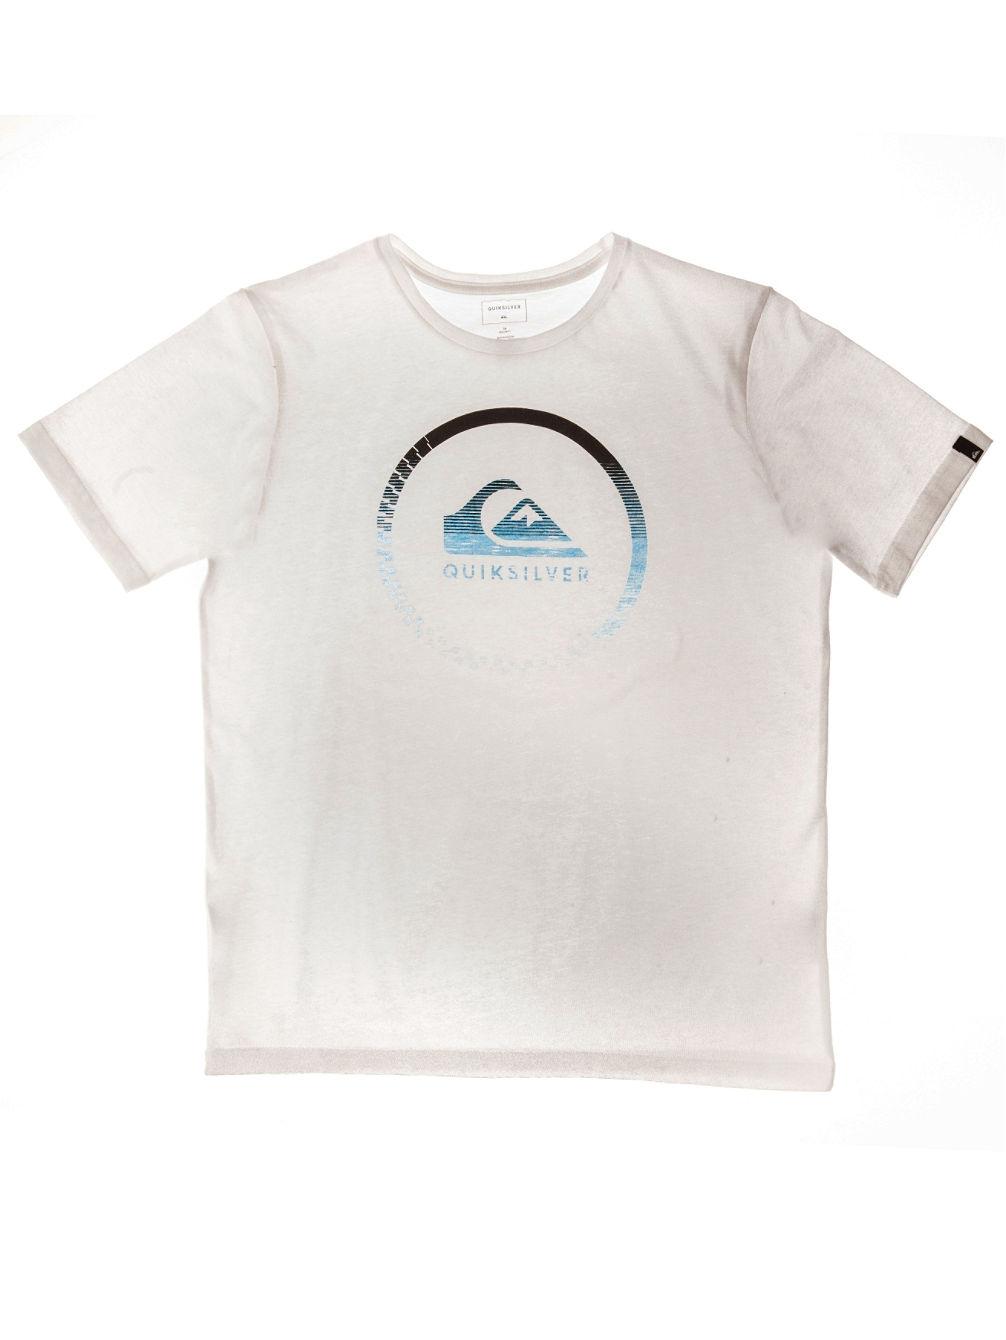 quiksilver-momentum-t-shirt-boys